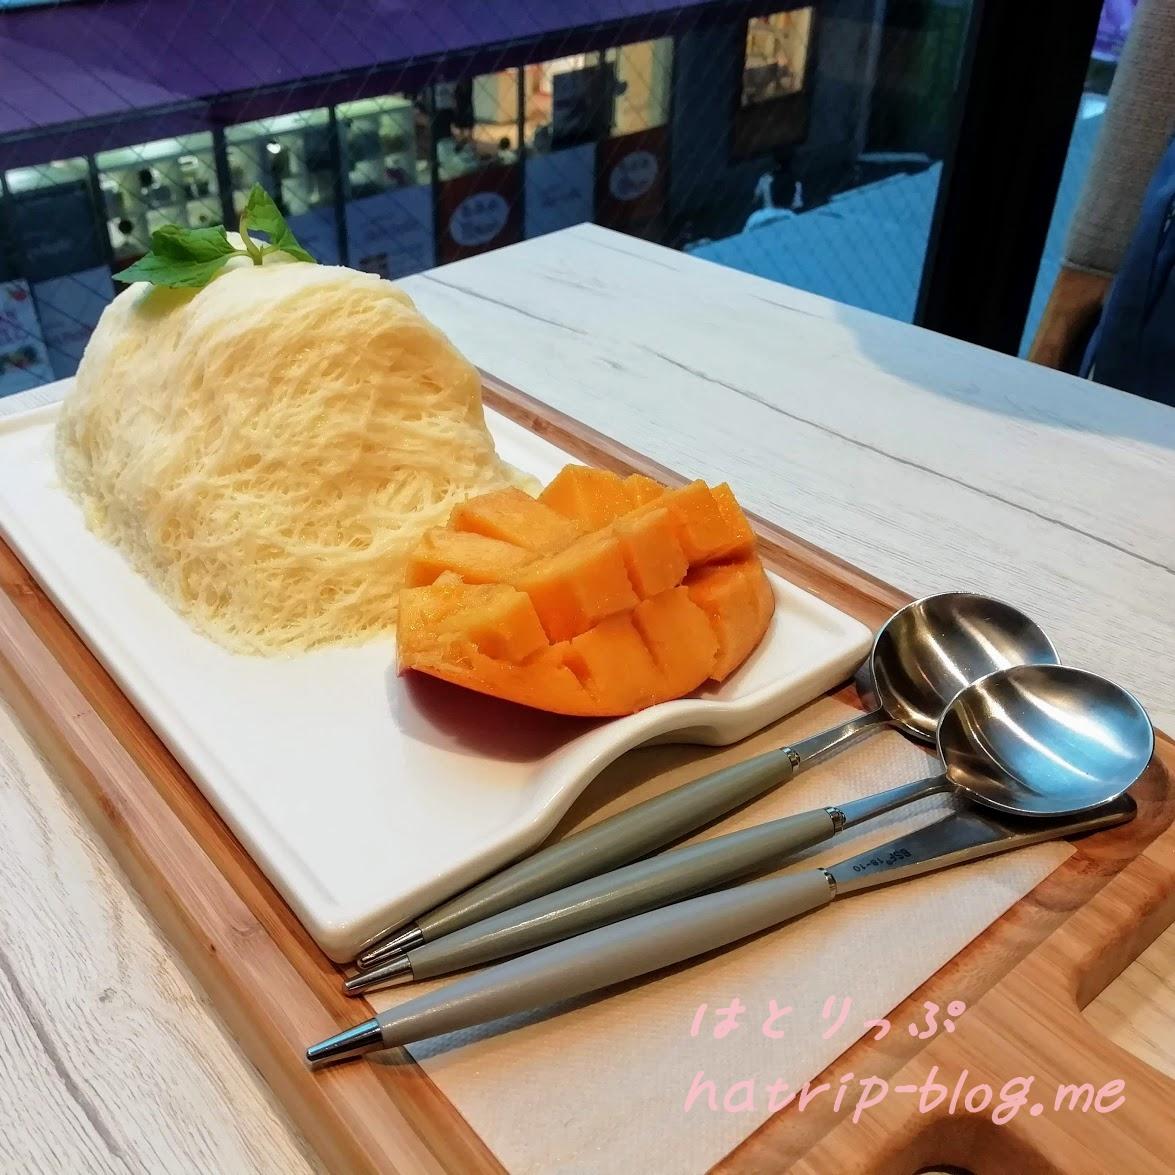 韓国 Seoul cafe ソウルカフェ 新大久保 糸かき氷 ソルビン